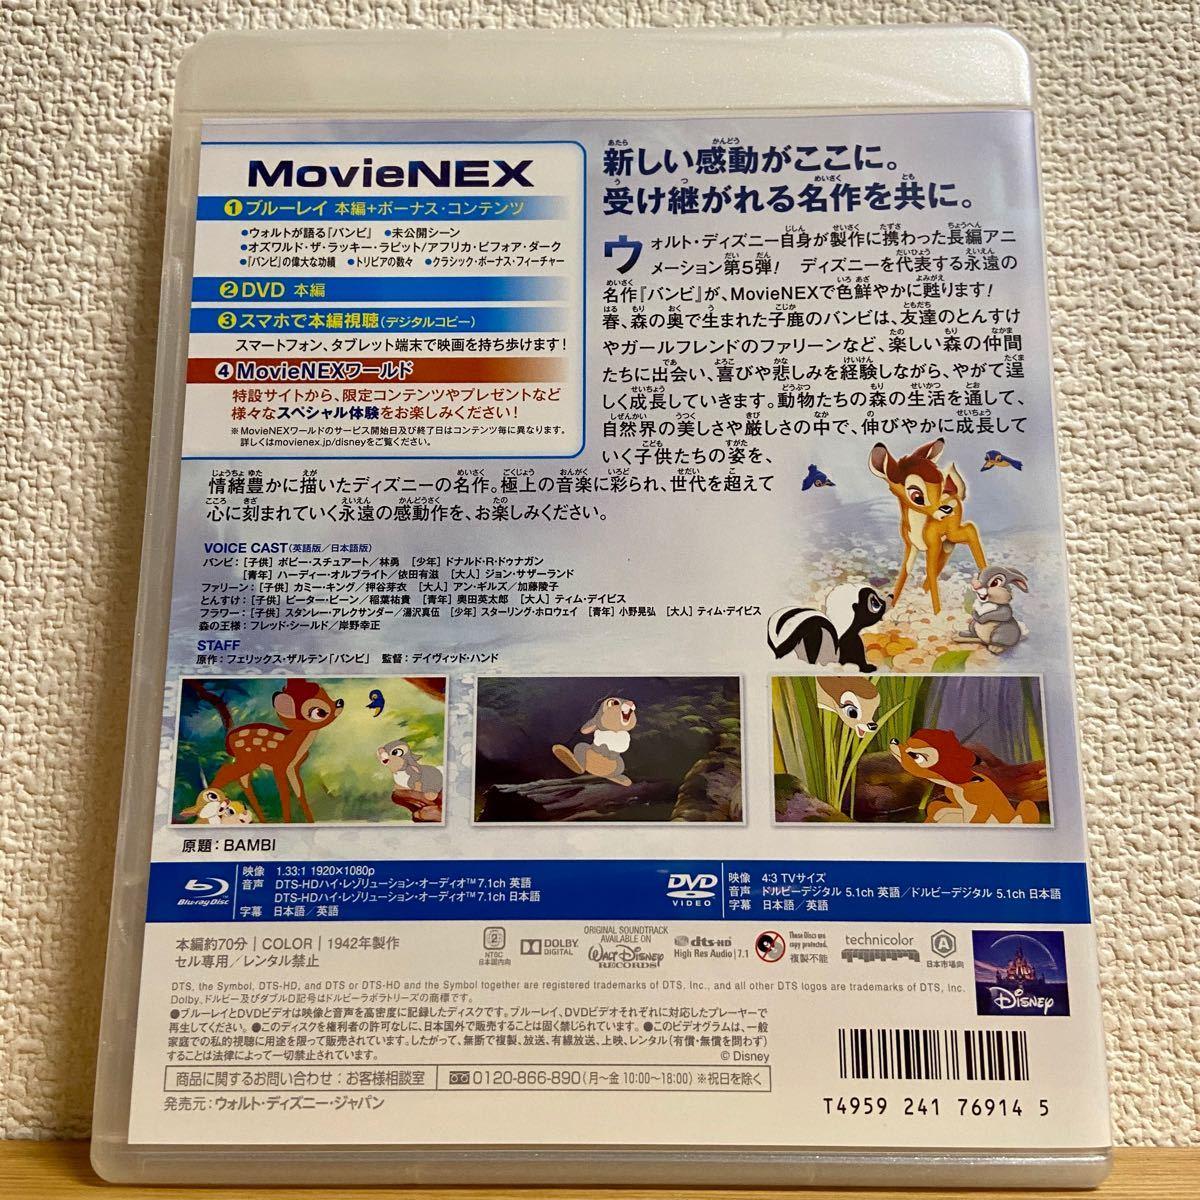 バンビ MovieNEX('42米) ブルーレイ+純正ケース